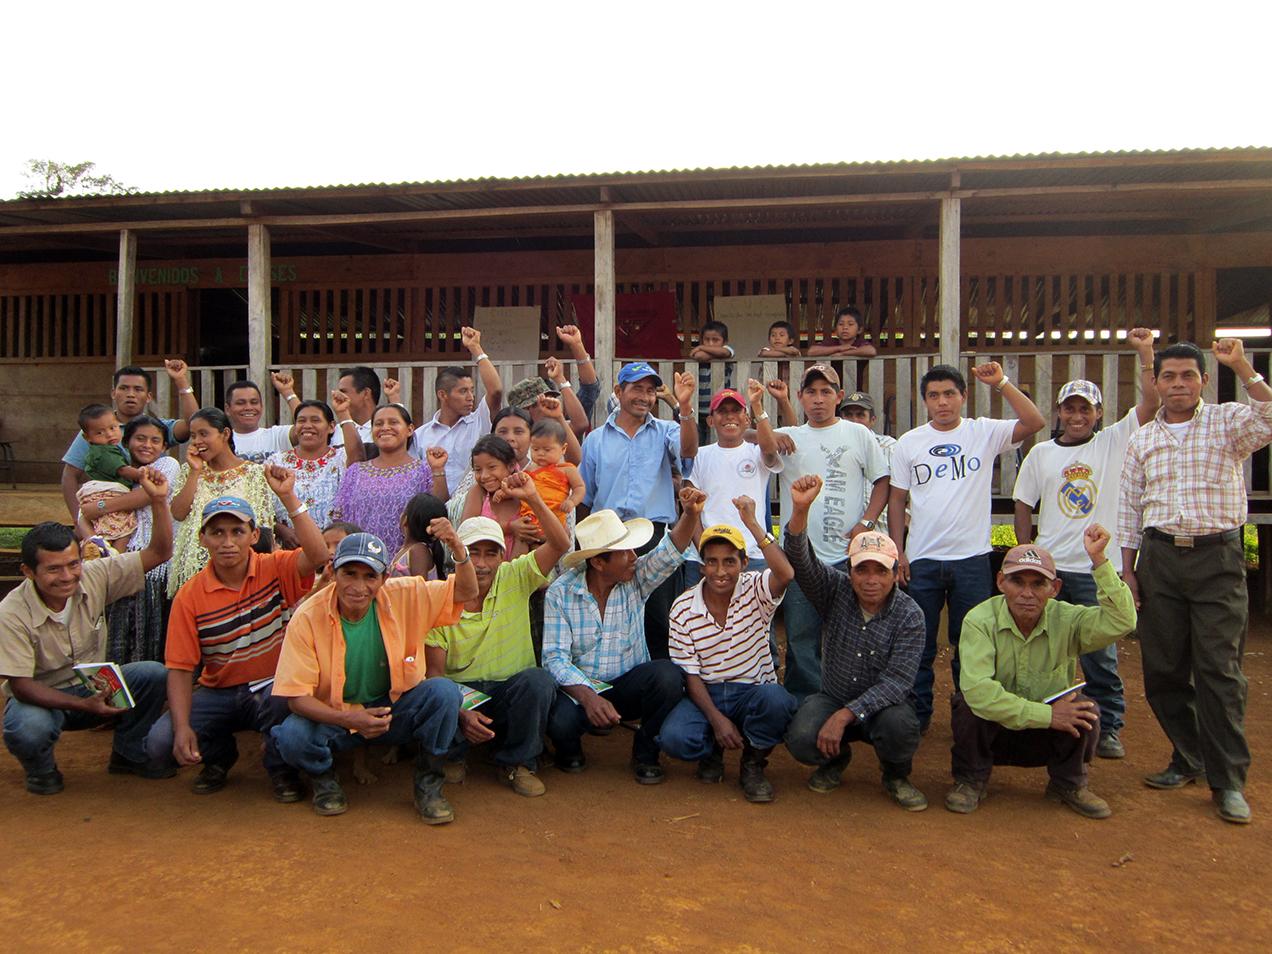 La comunidad Se' Y'abal inició el proceso para reclamar la titularidad del terreno en 1965, como parte de los procesos de colonización impulsados por el Instituto Nacional de Transformación Agraria (INTA).